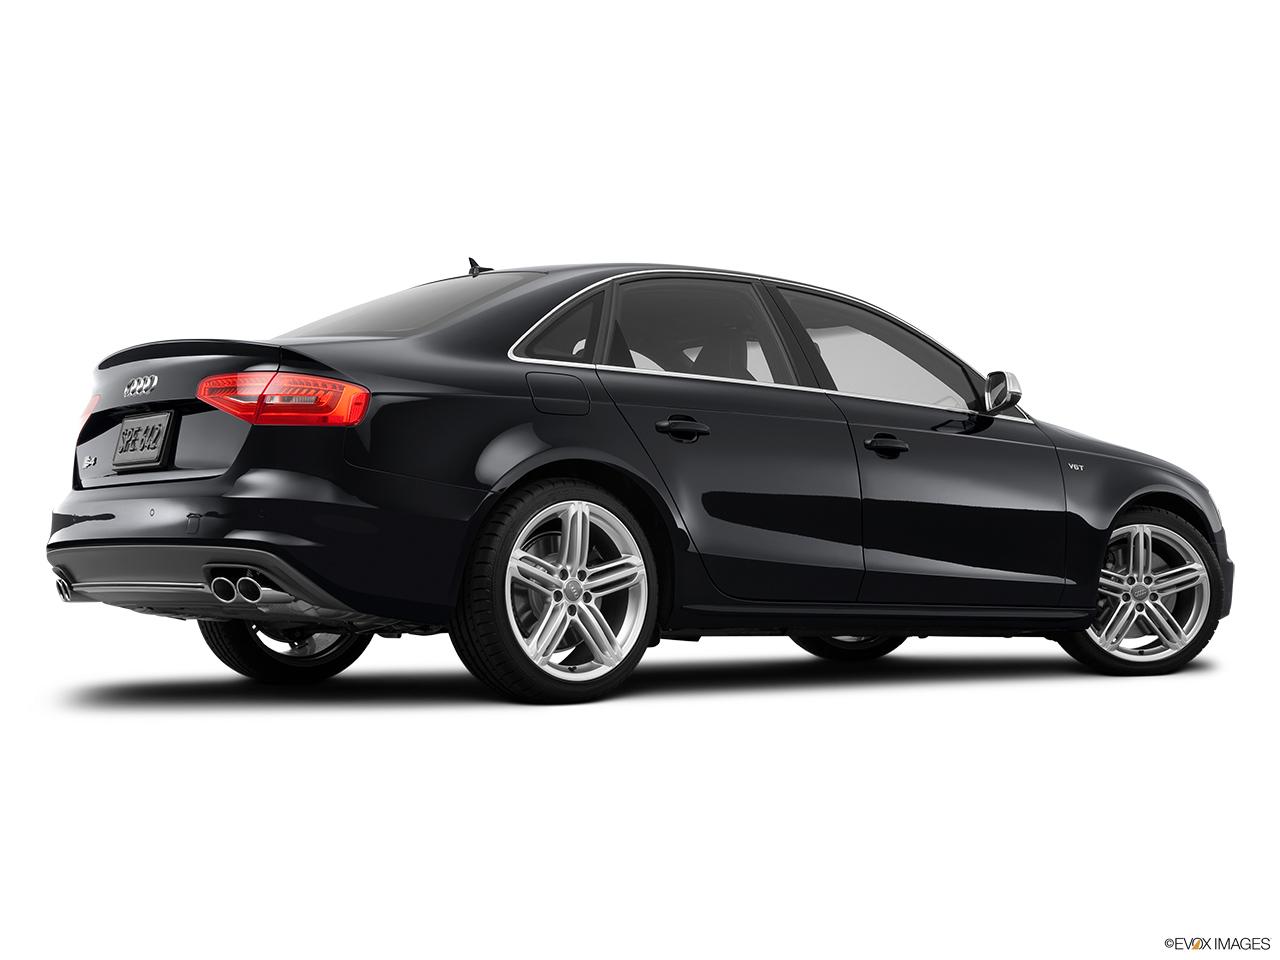 2015 Audi S4 Sedan Manual Prestige Low Wide Rear 5 8